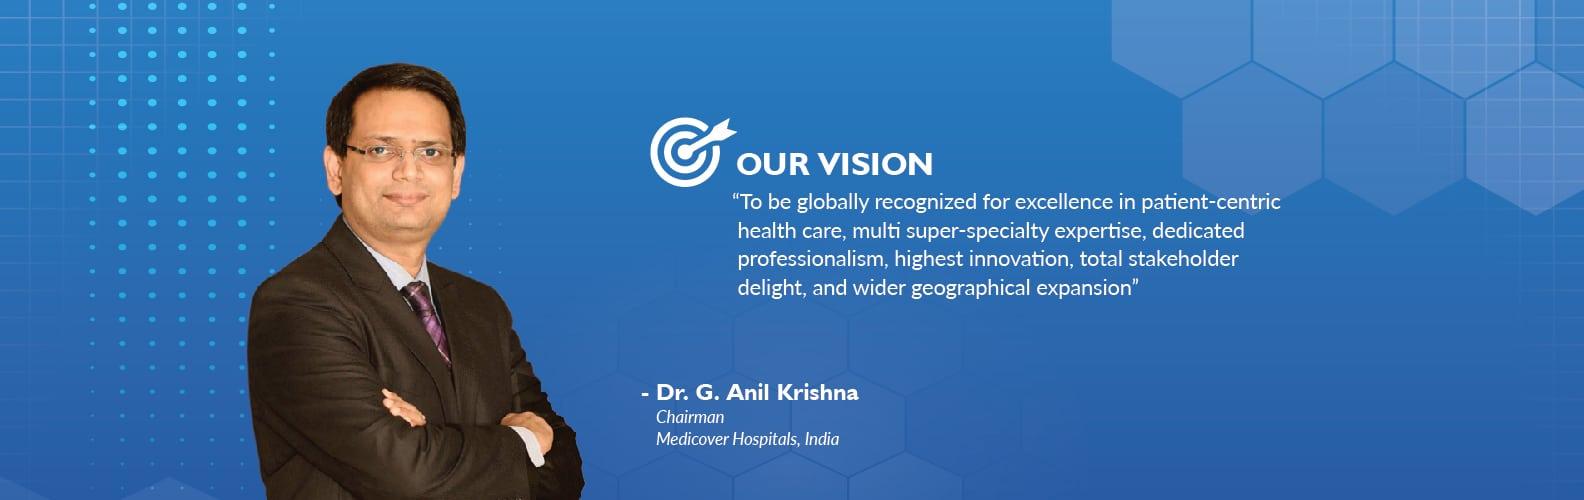 Dr G Anil Krishna